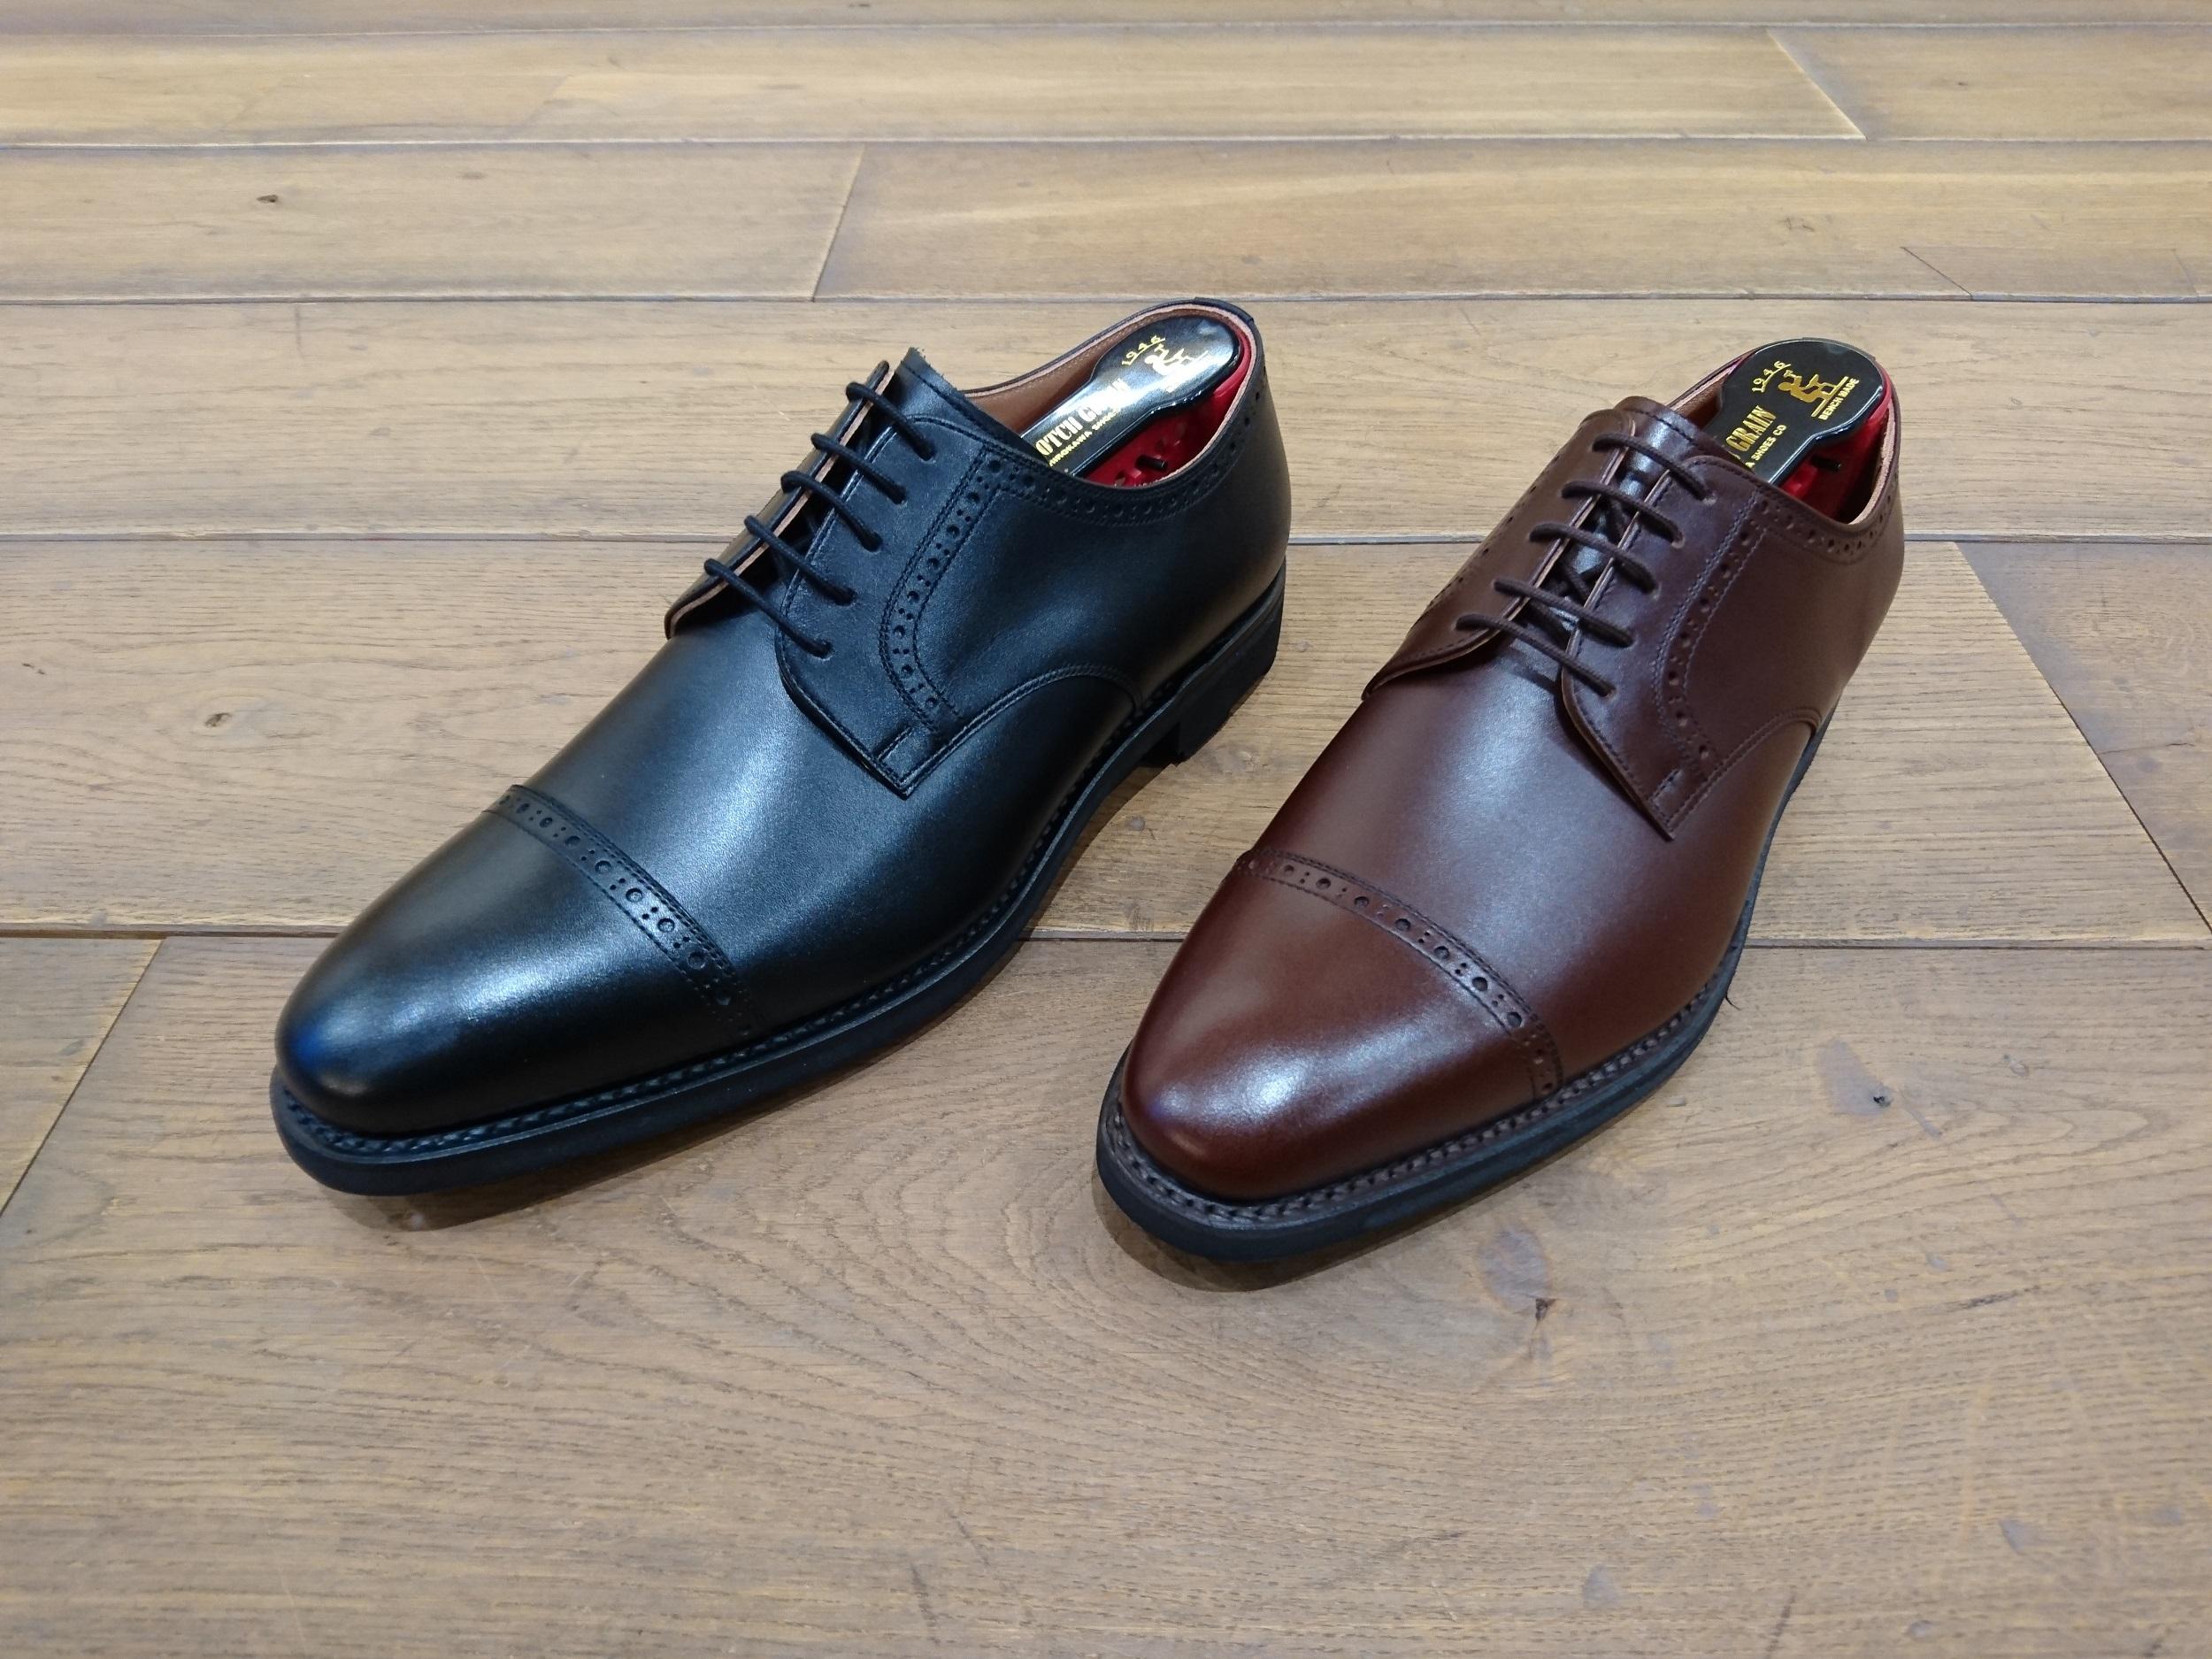 グレイン レイン スコッチ シャイン オア スコッチグレインはシャインオアレインとプレミアムグレードの靴で完成しているのでは Notobook note